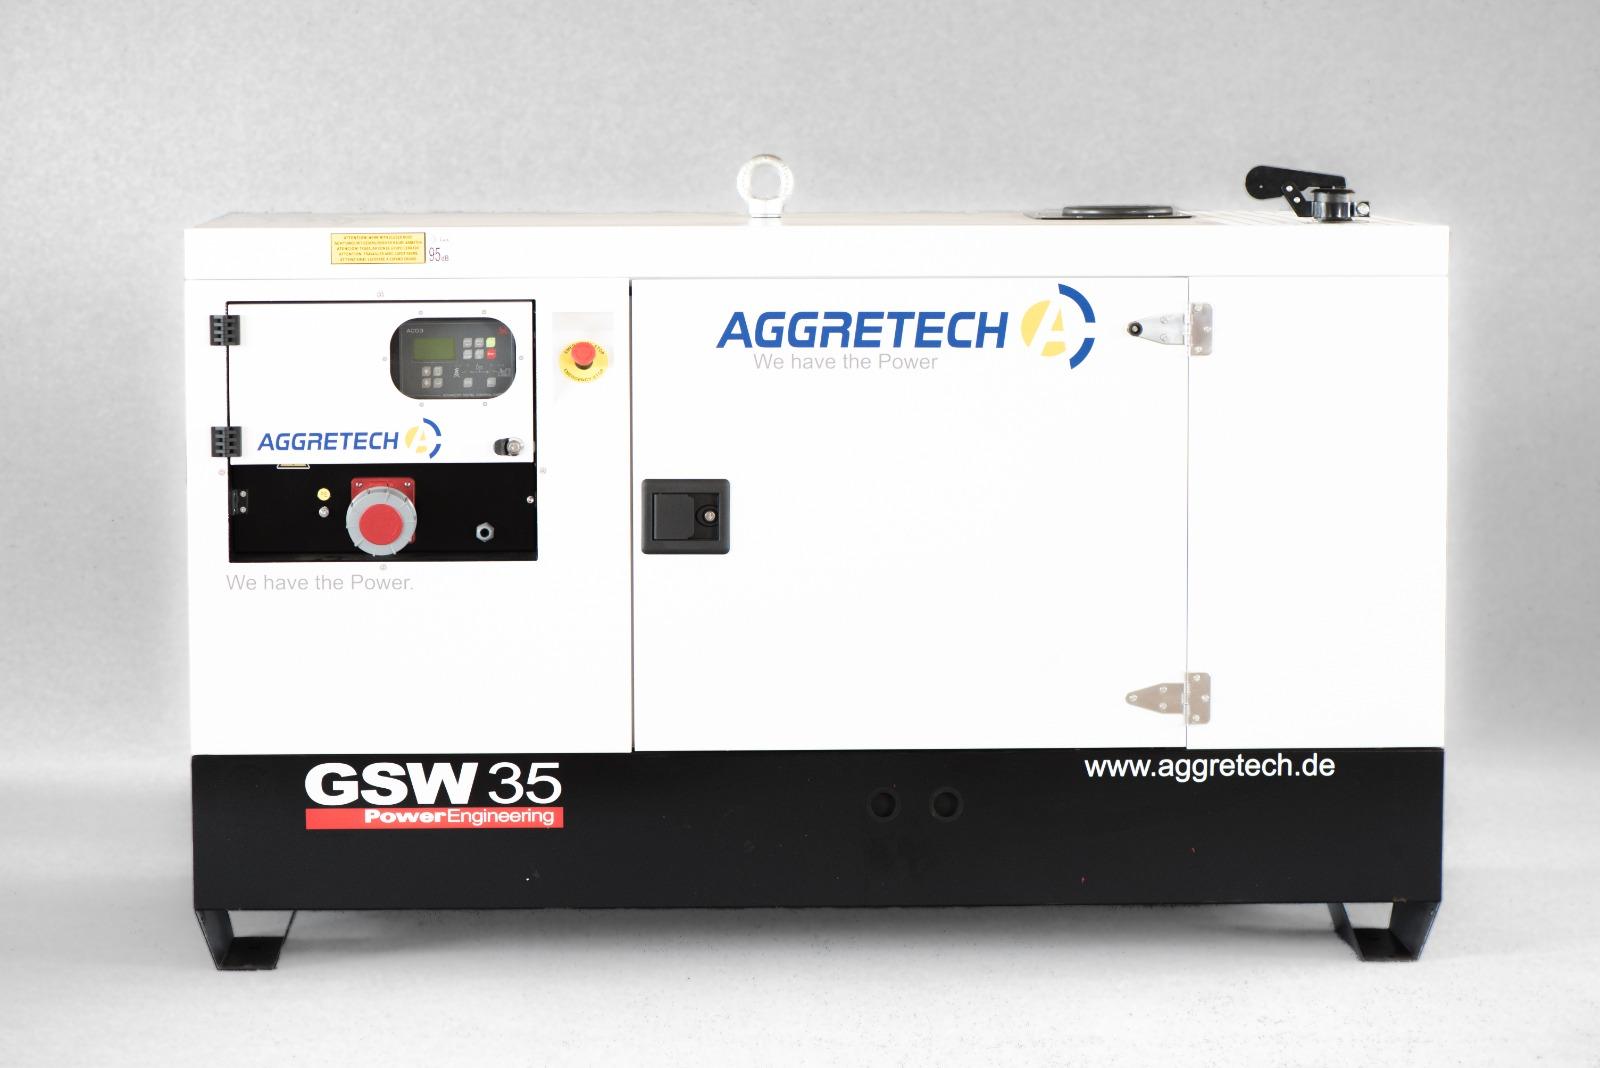 Notstromaggregat GSW35 von Aggretech